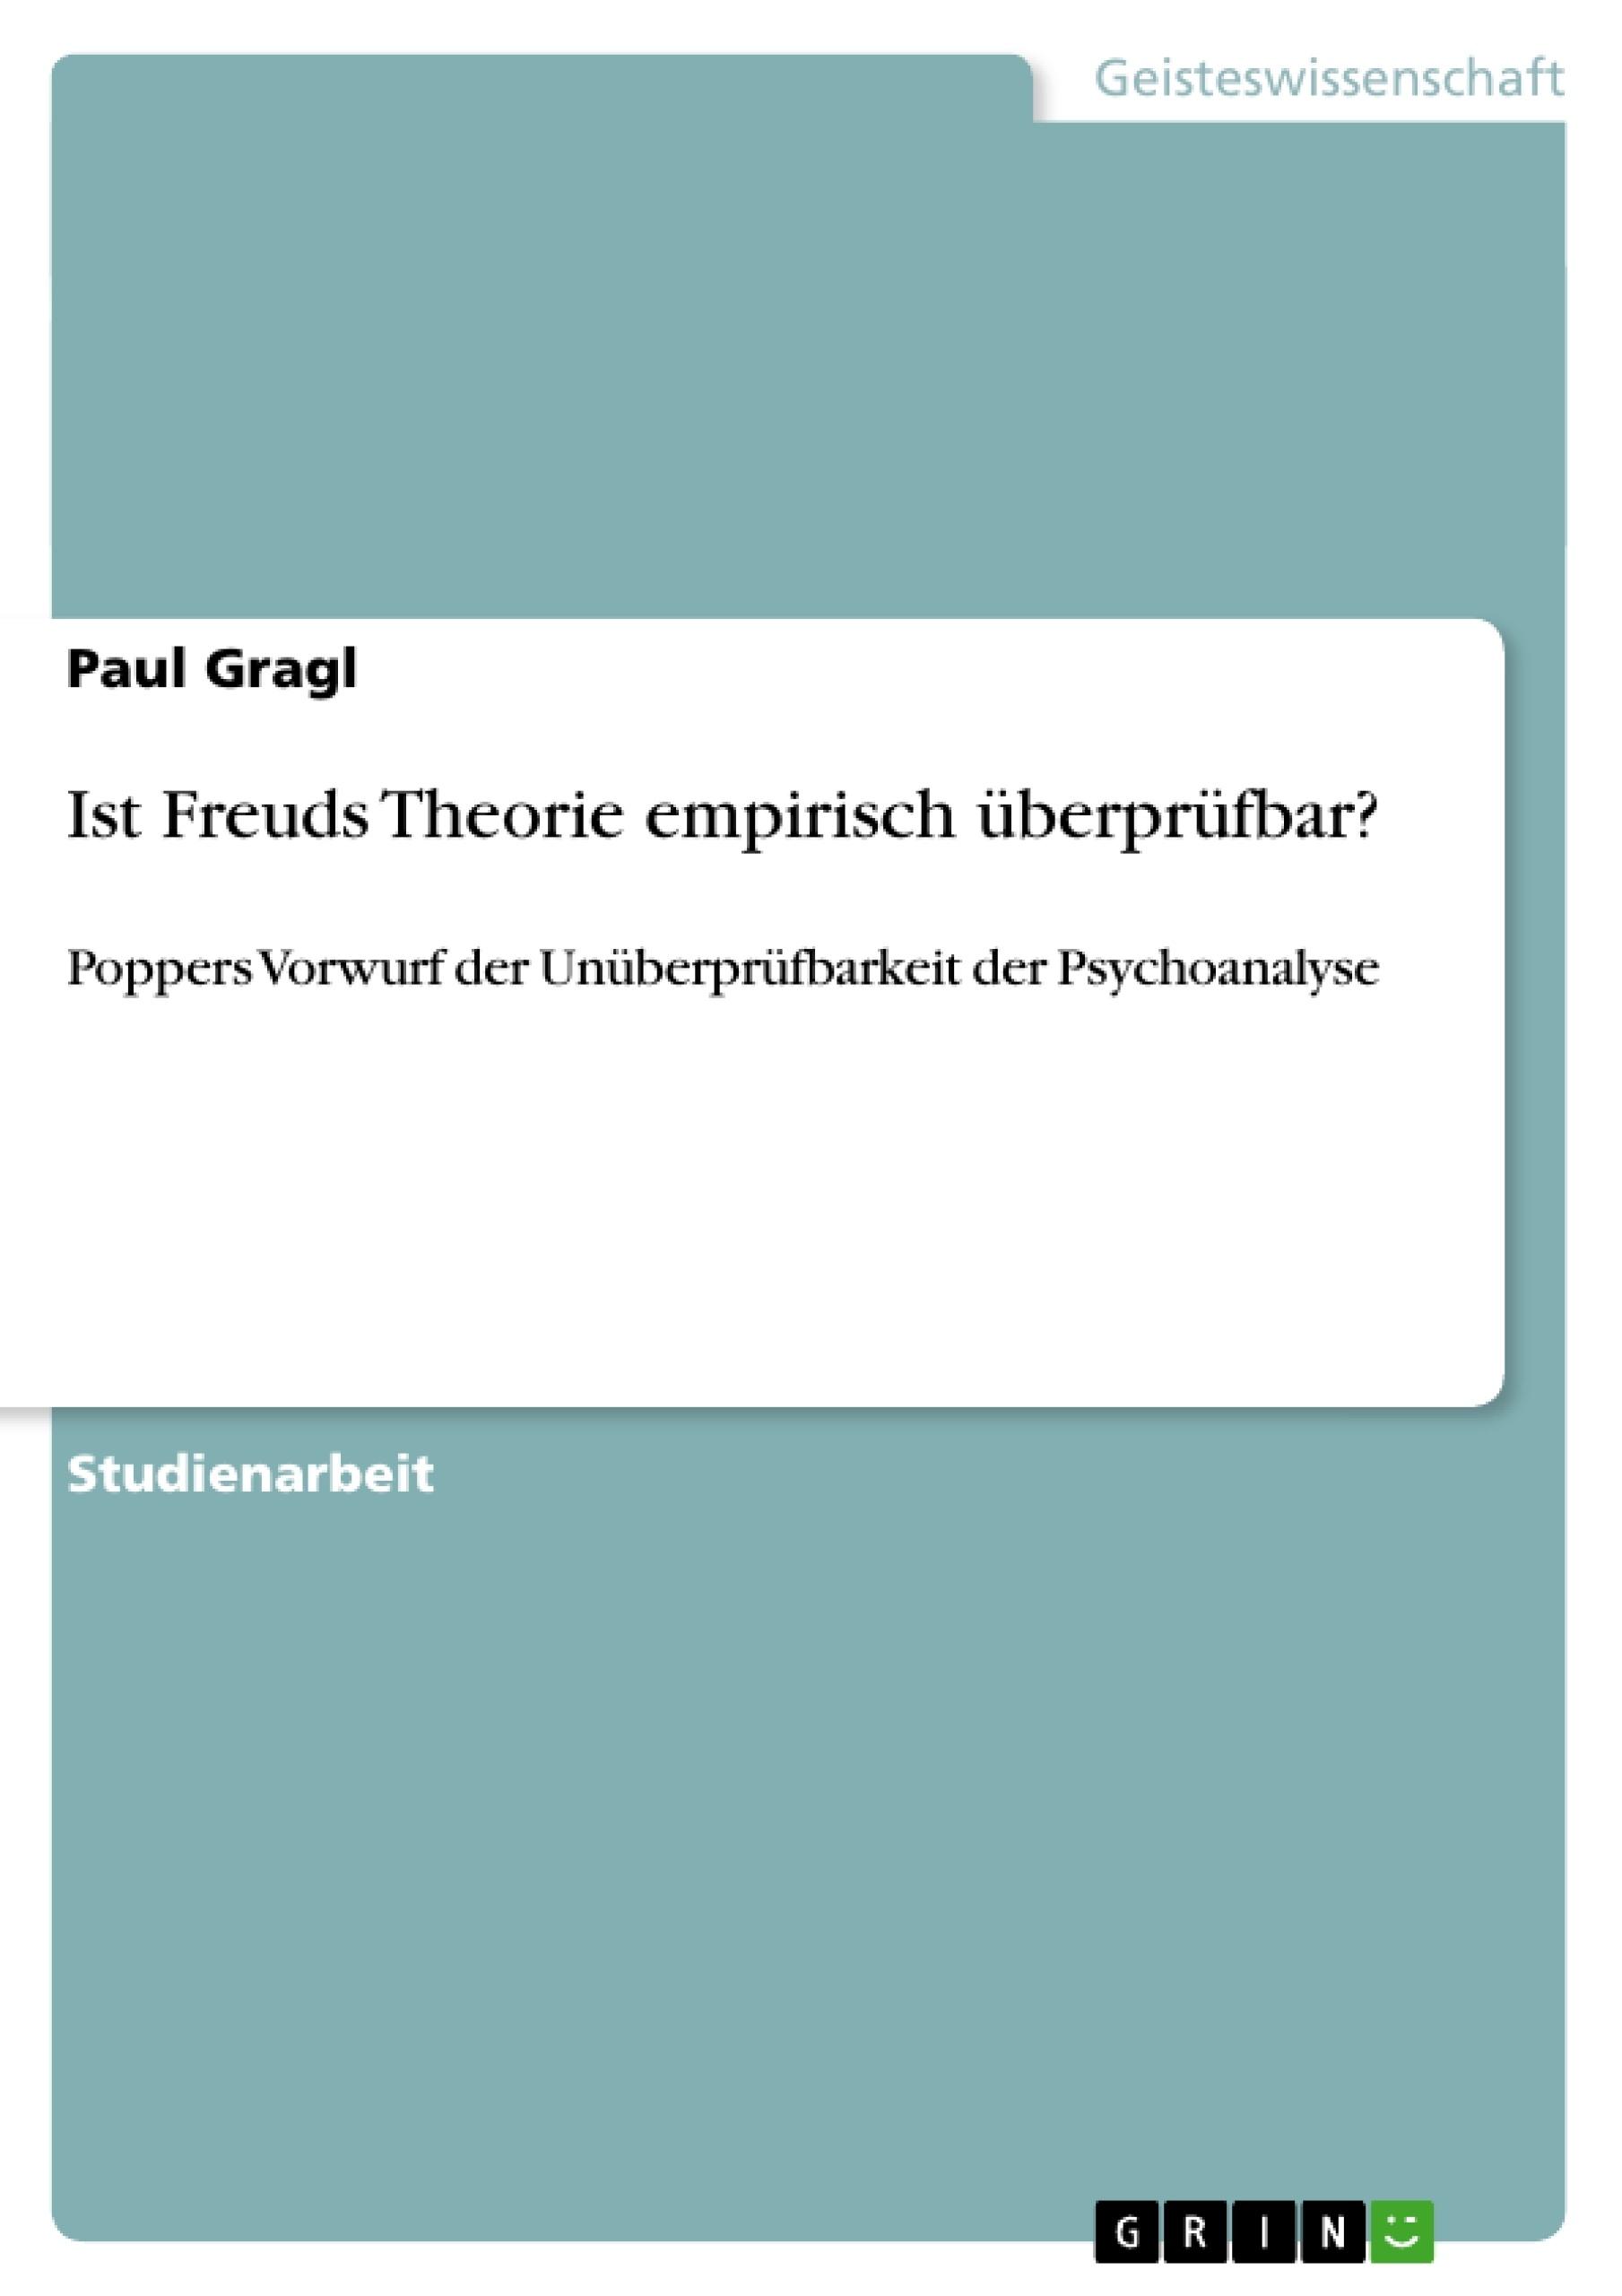 Titel: Ist Freuds Theorie empirisch überprüfbar?